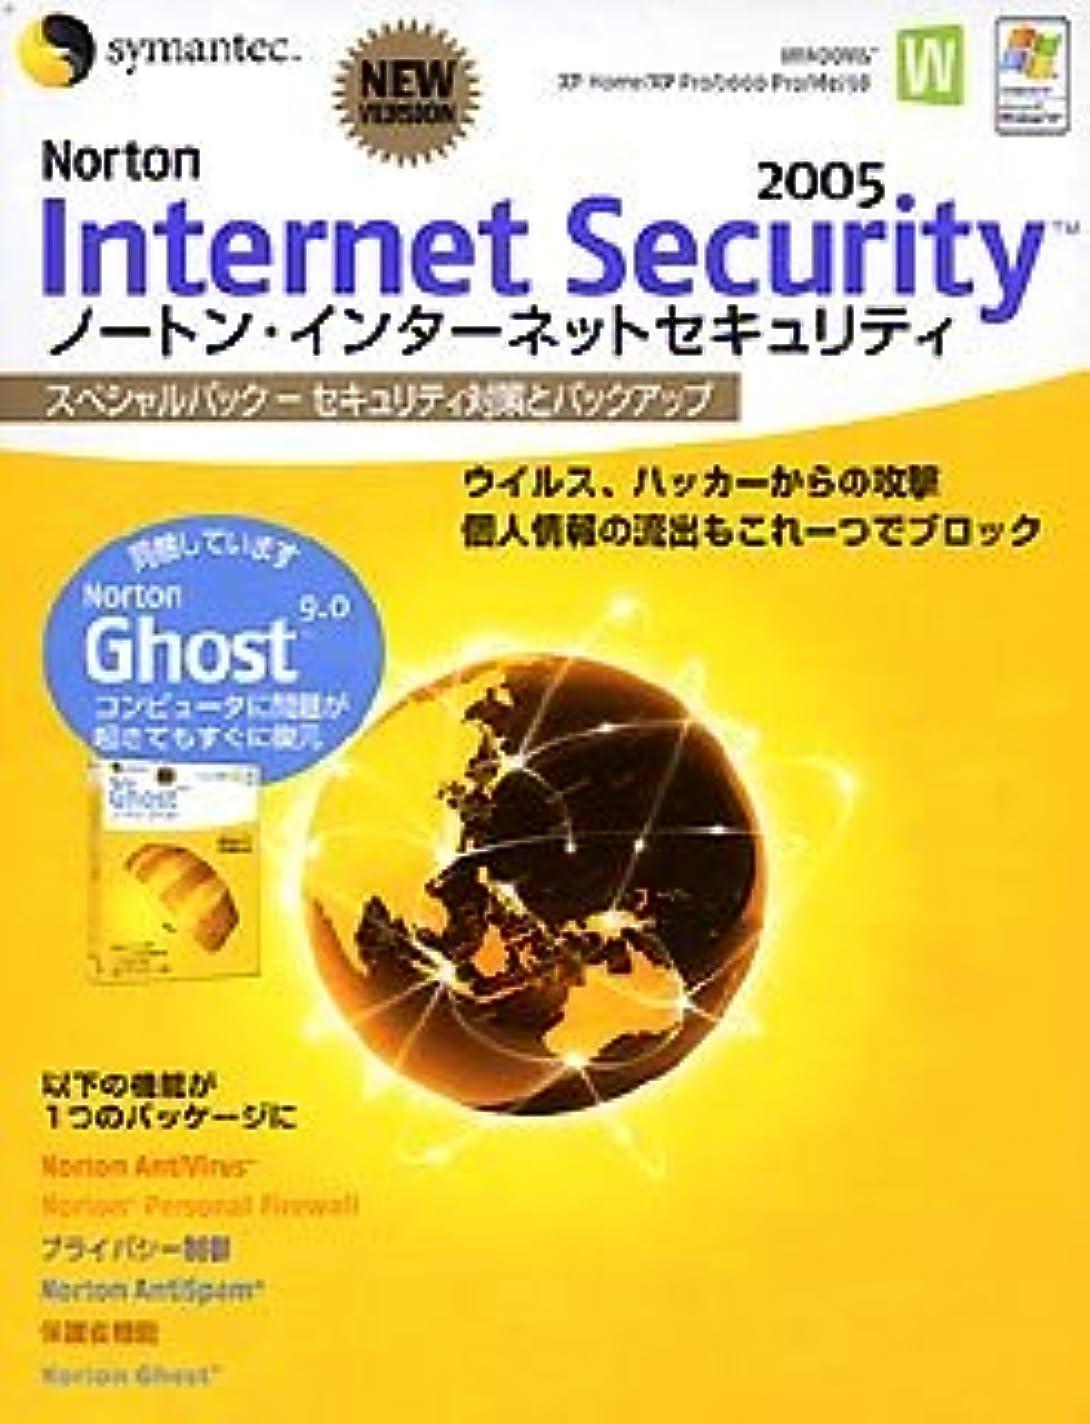 行為ブロー真夜中ノートン?インターネットセキュリティ 2005 & ノートン?ゴースト 9.0